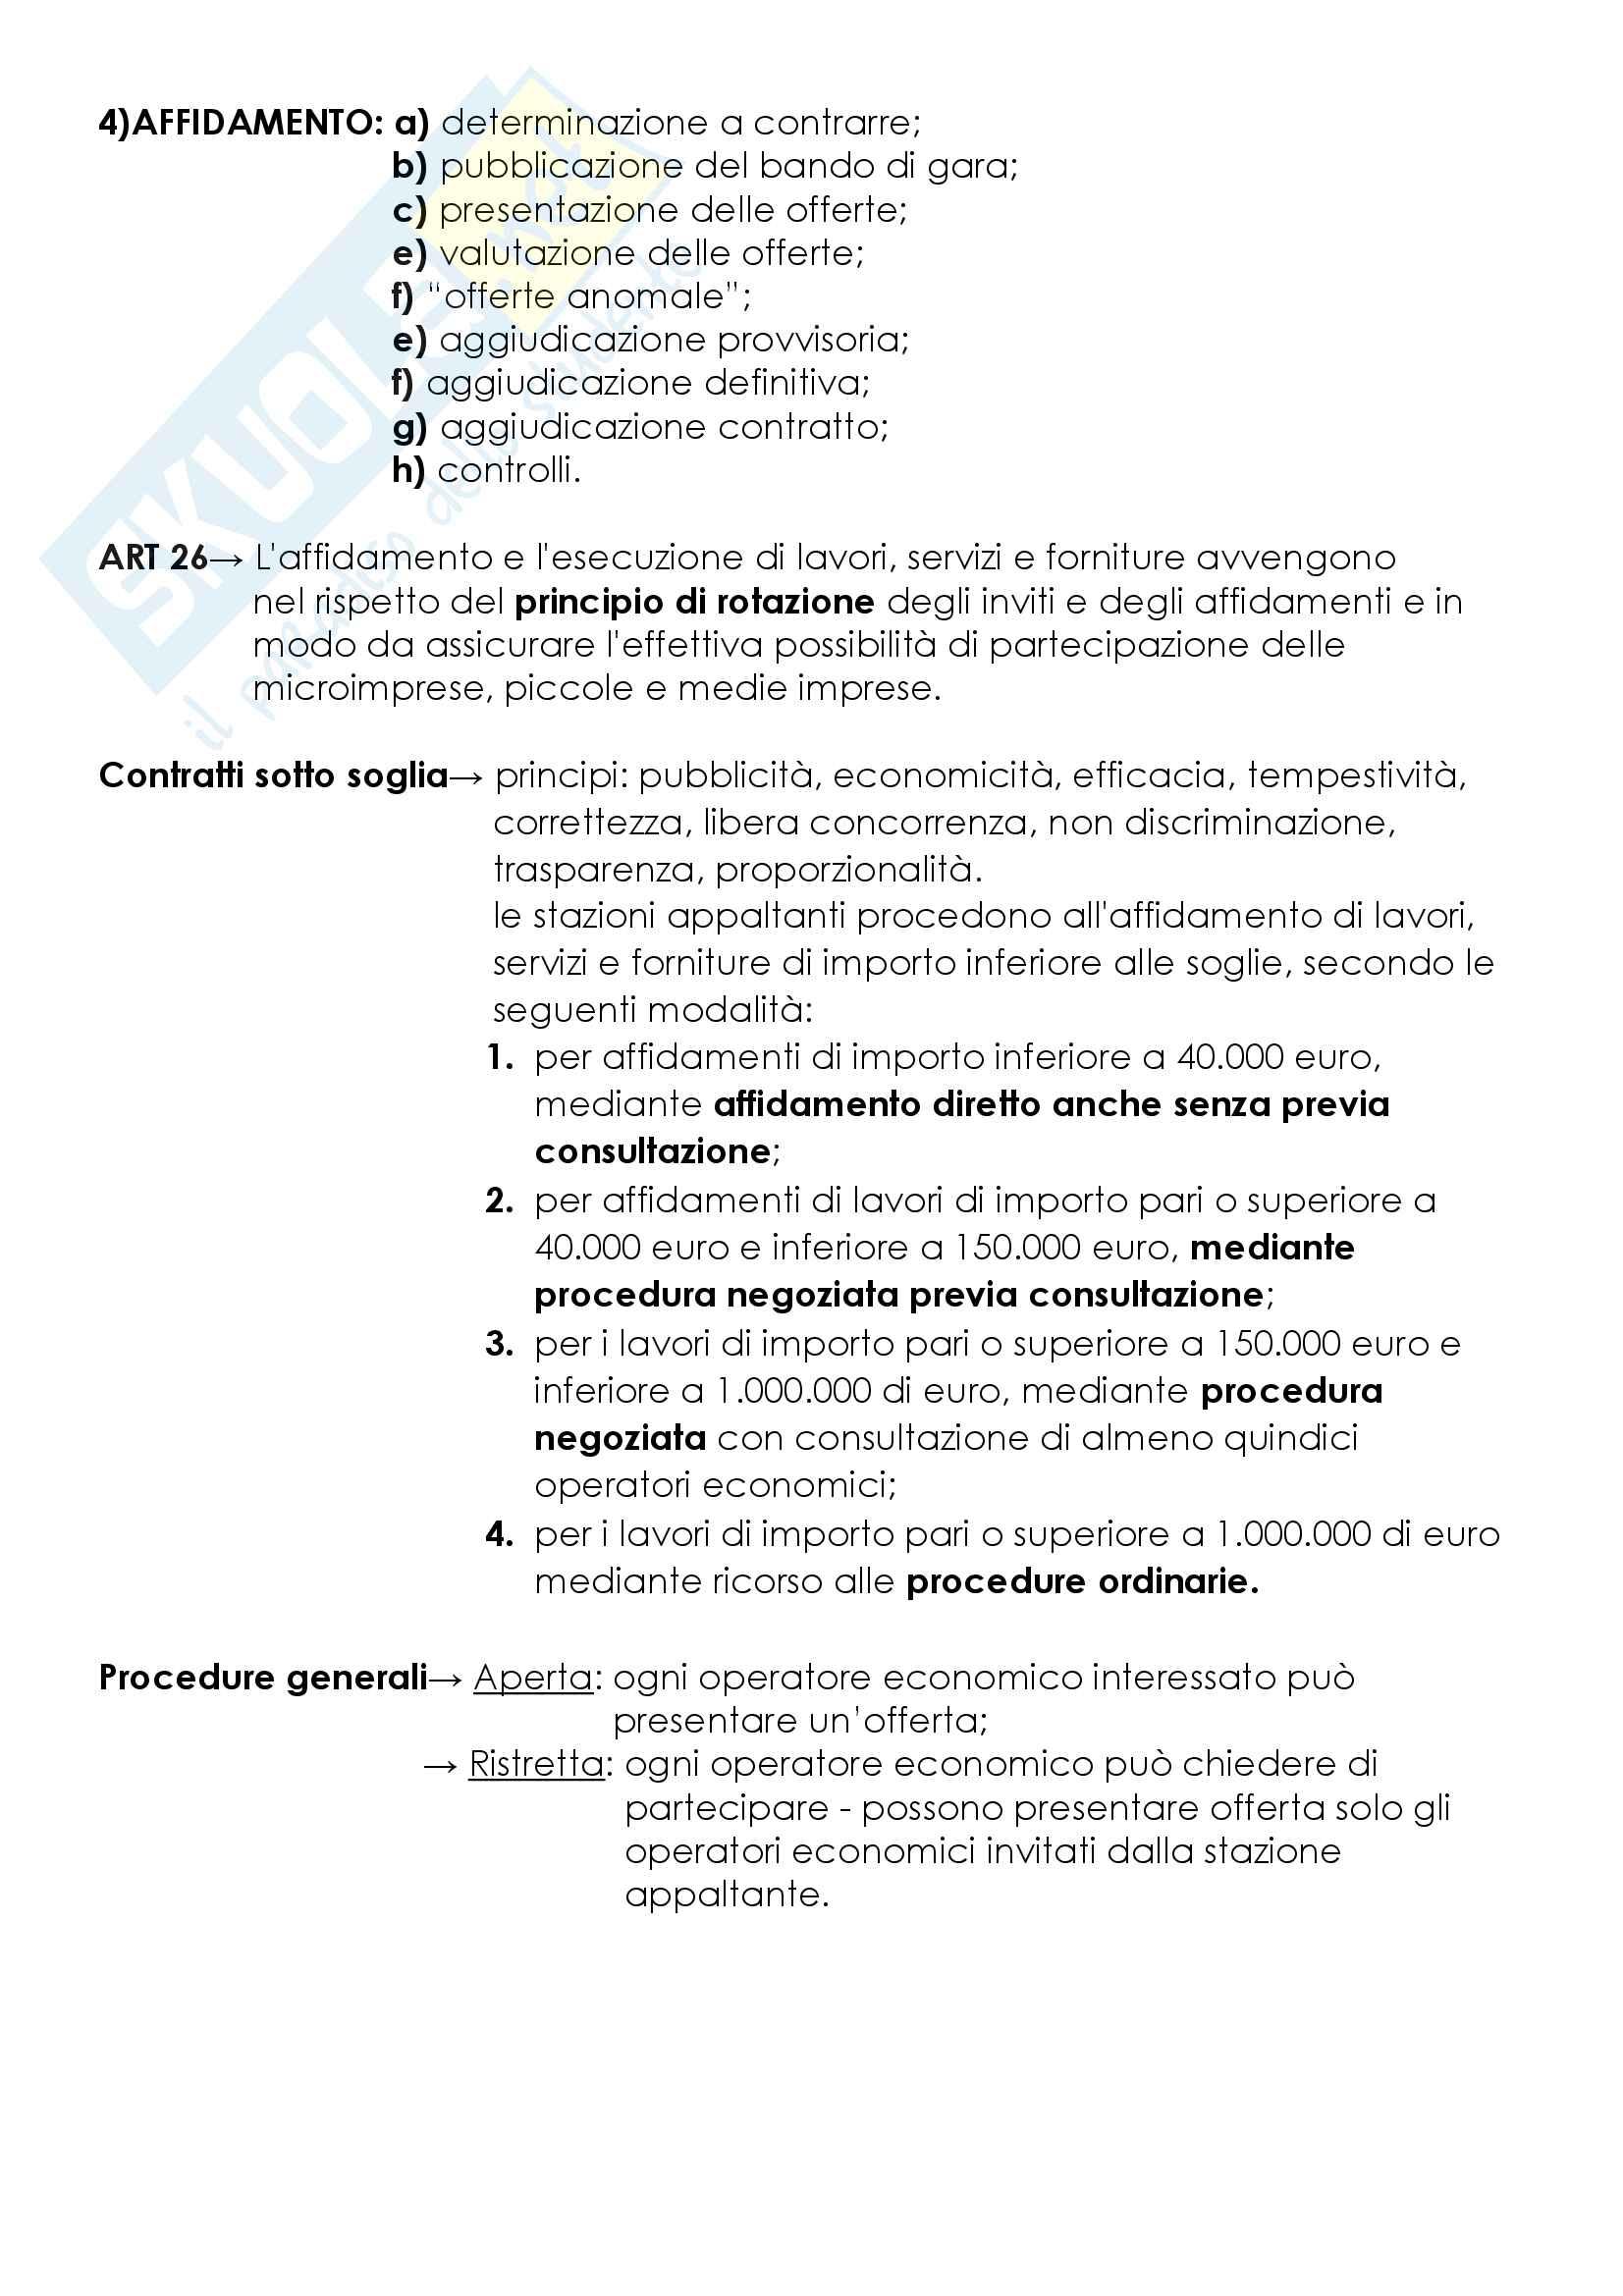 Attività edilizia, appalti, esproprio Pag. 16